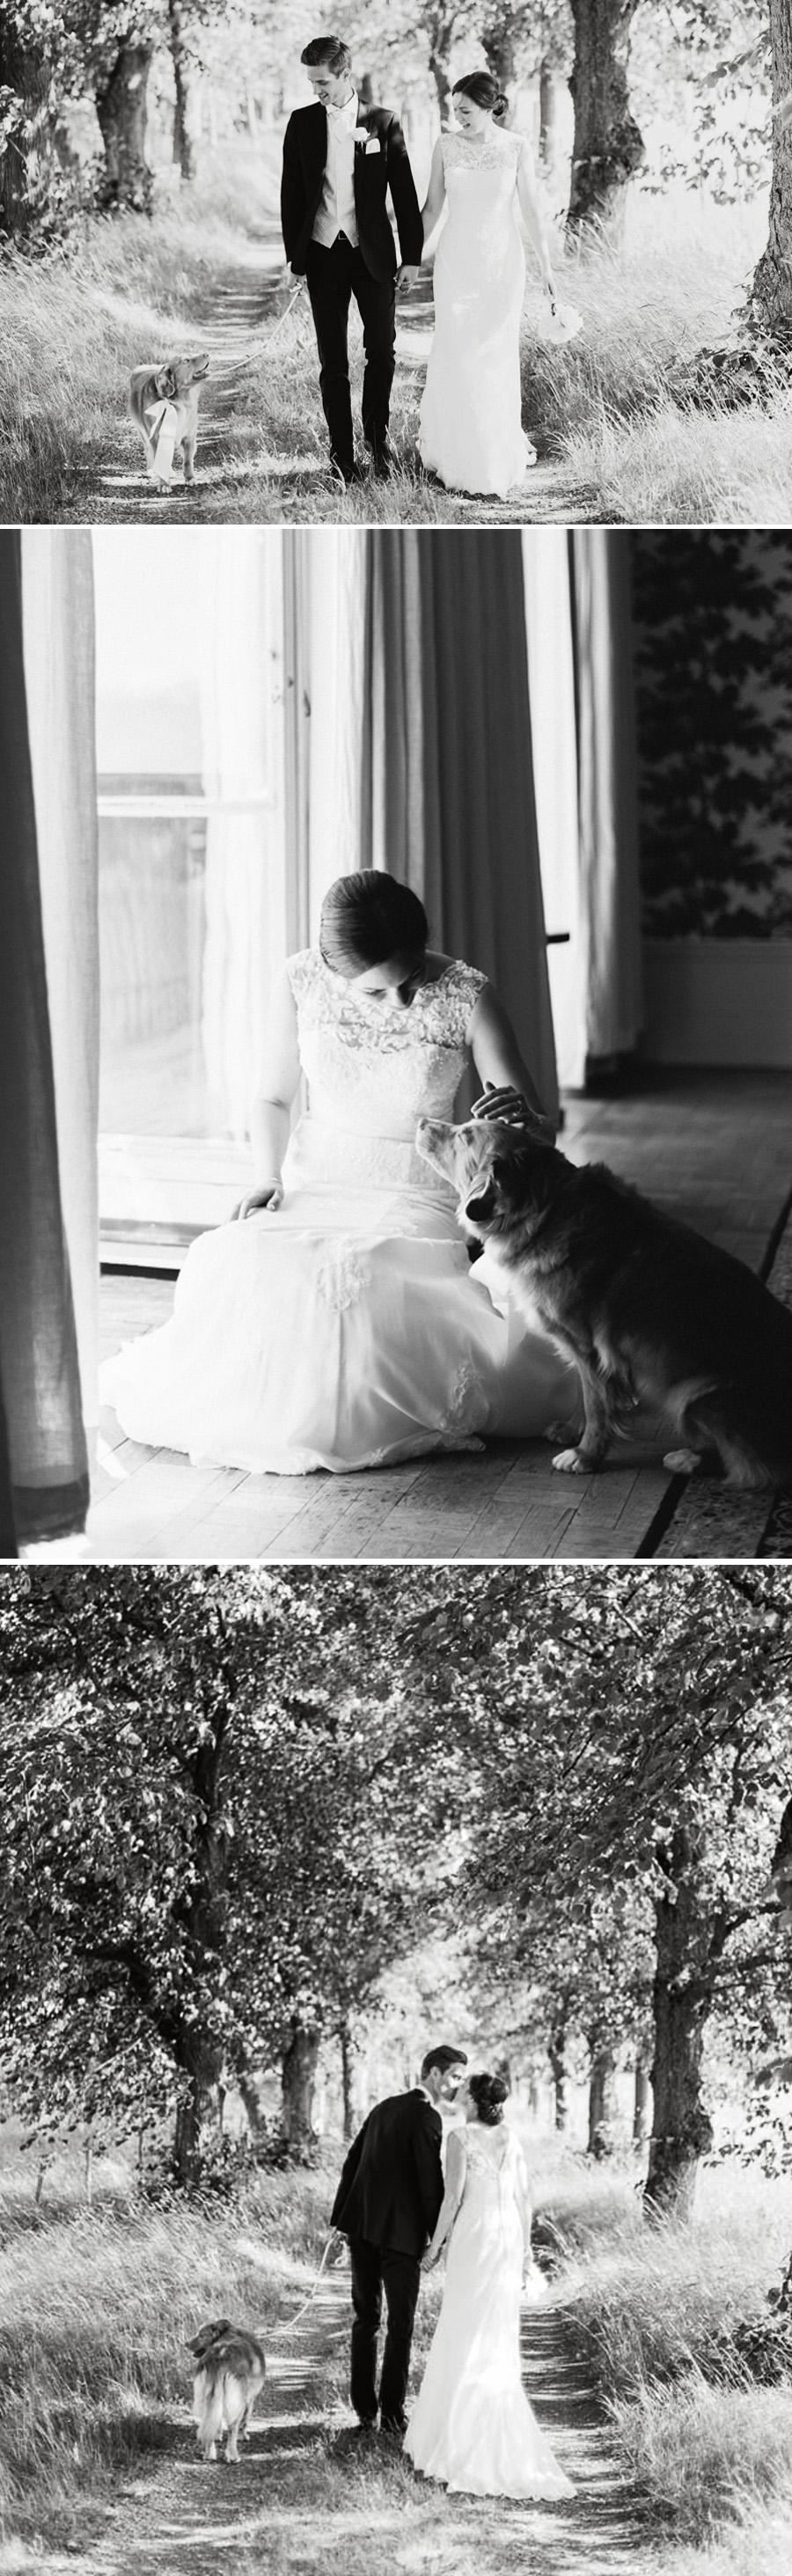 Hund på bröllop